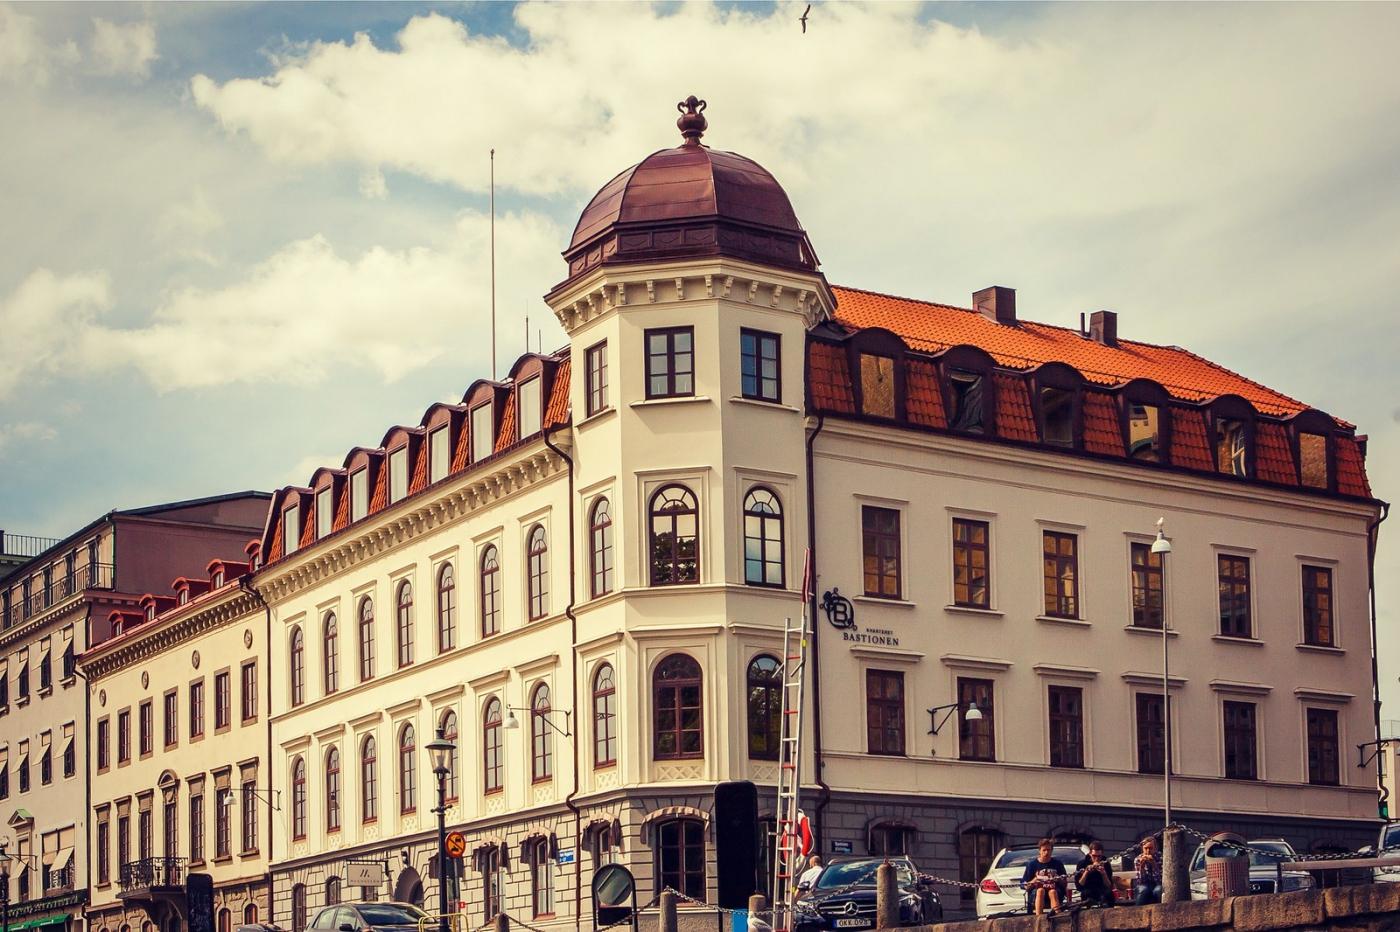 瑞典哥德堡,這幢大廈很特殊_圖1-12